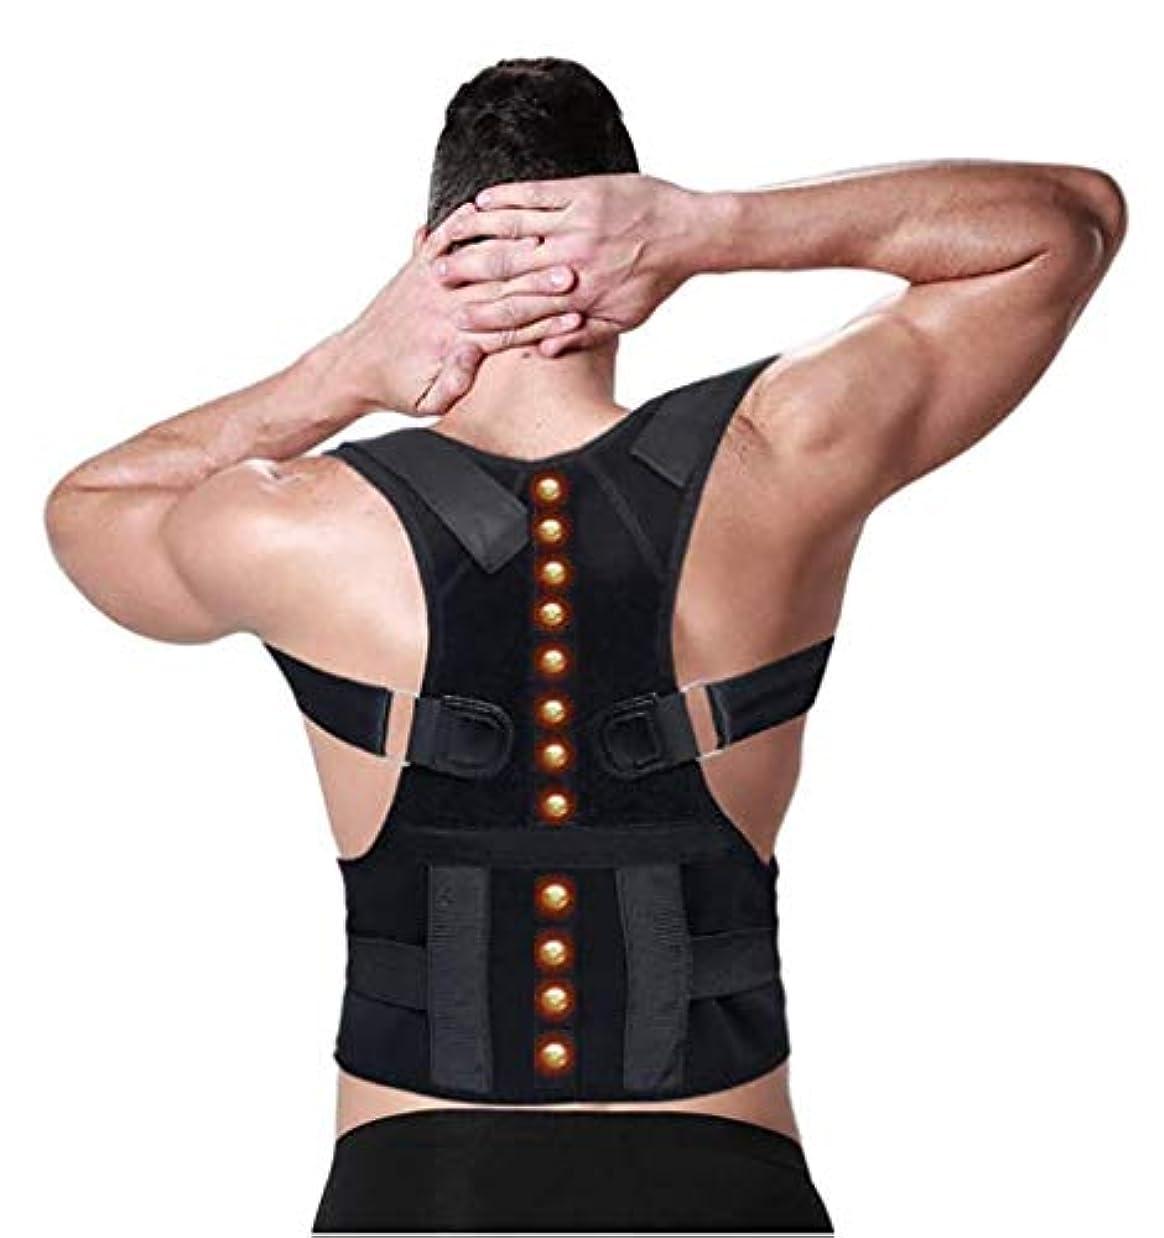 ブリーク孤独な勤勉姿勢矯正ベルト、背部装具、悪い姿勢の改善、気質の改善、調整可能、腰痛緩和のためのダブルストロングスプリント、オフィス学習演習用 (Size : M)